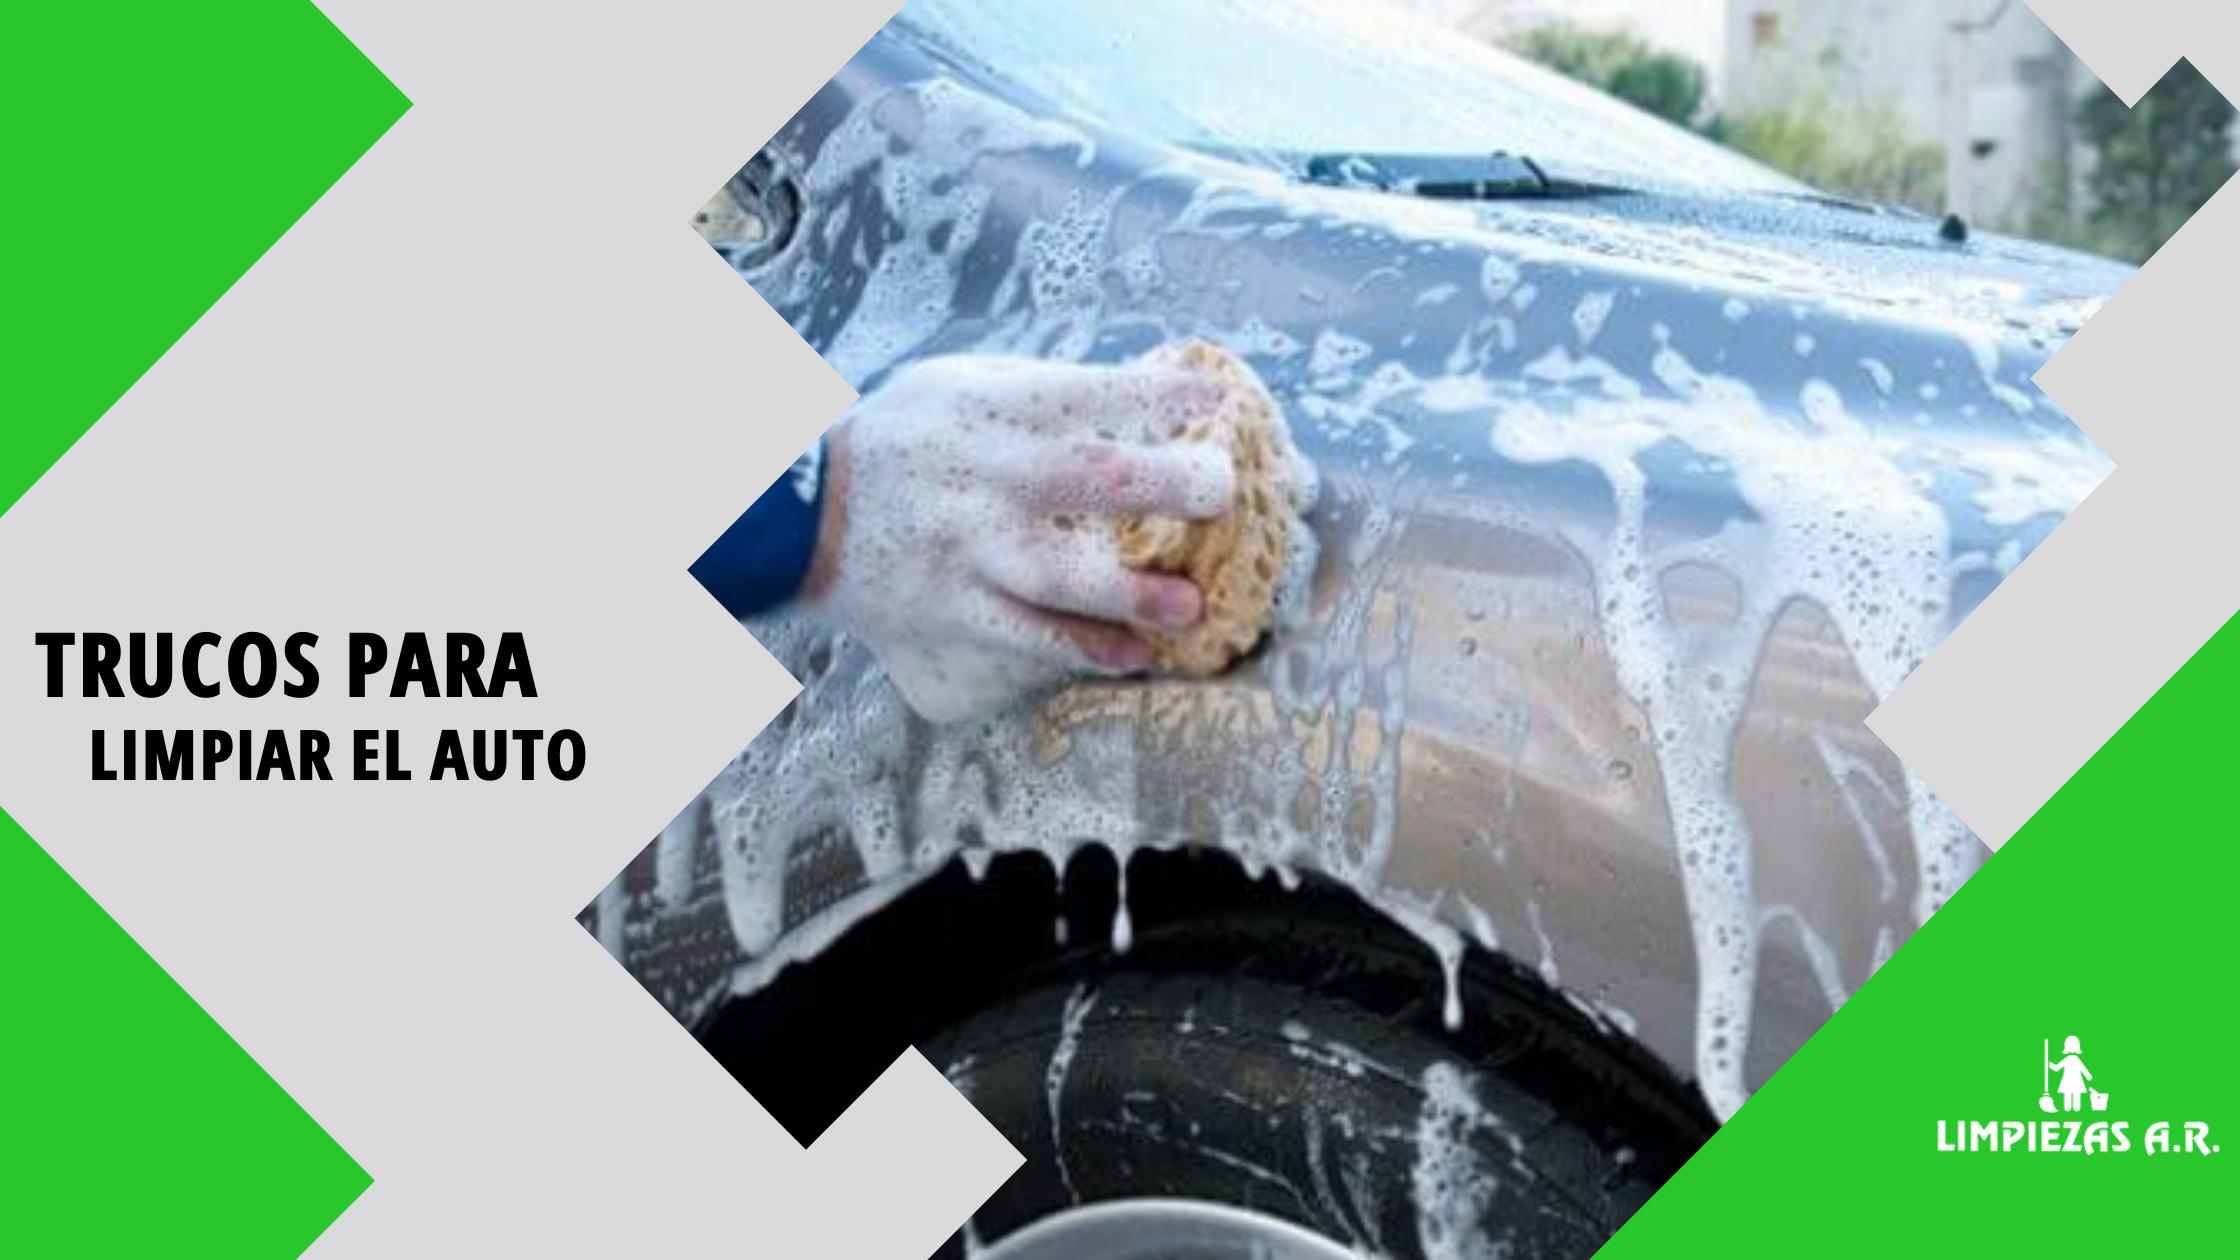 trucos para limpiar el auto